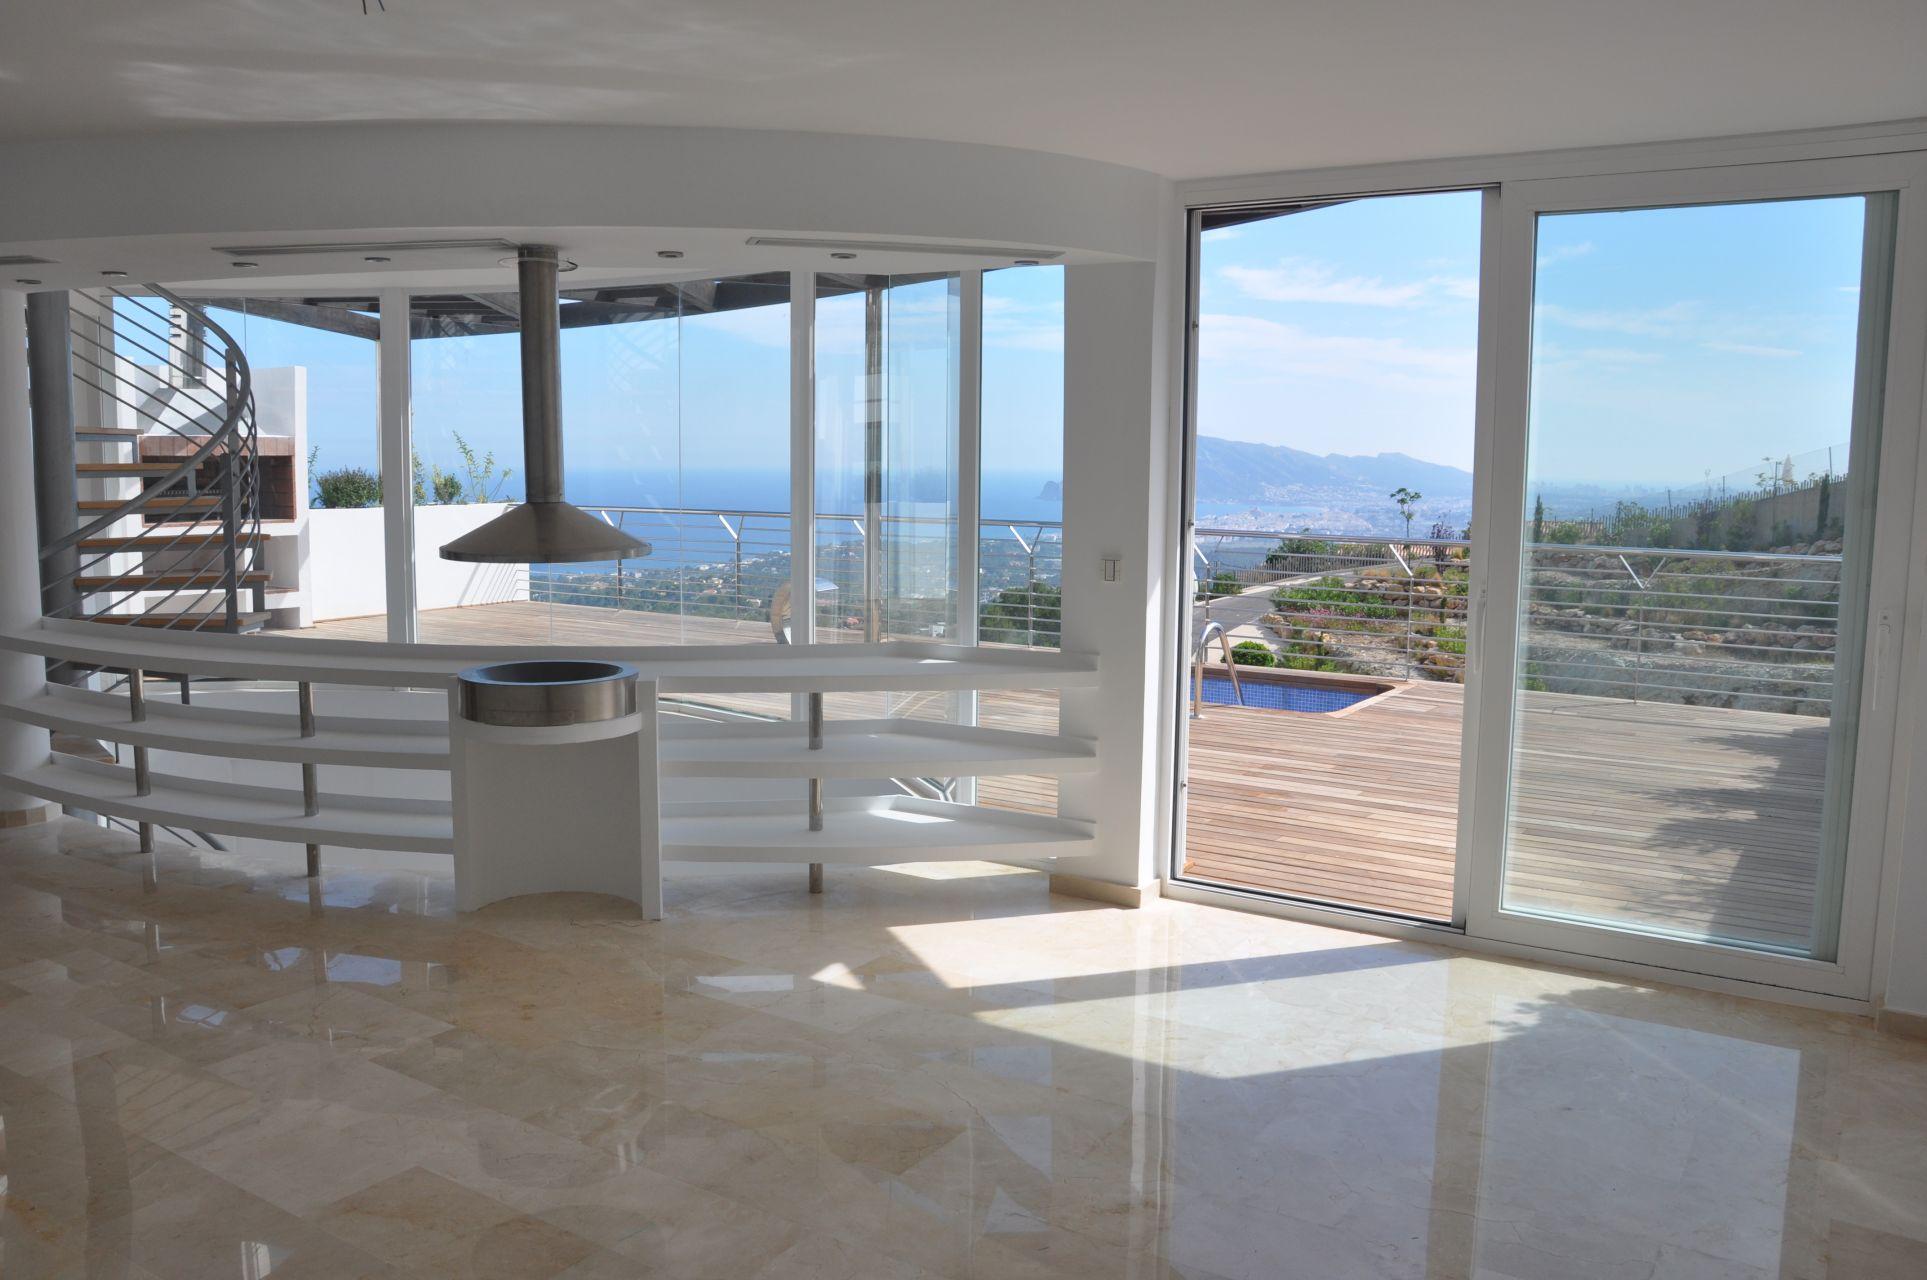 Villas with incredible views to the Mediterranean Sea in Altea 14